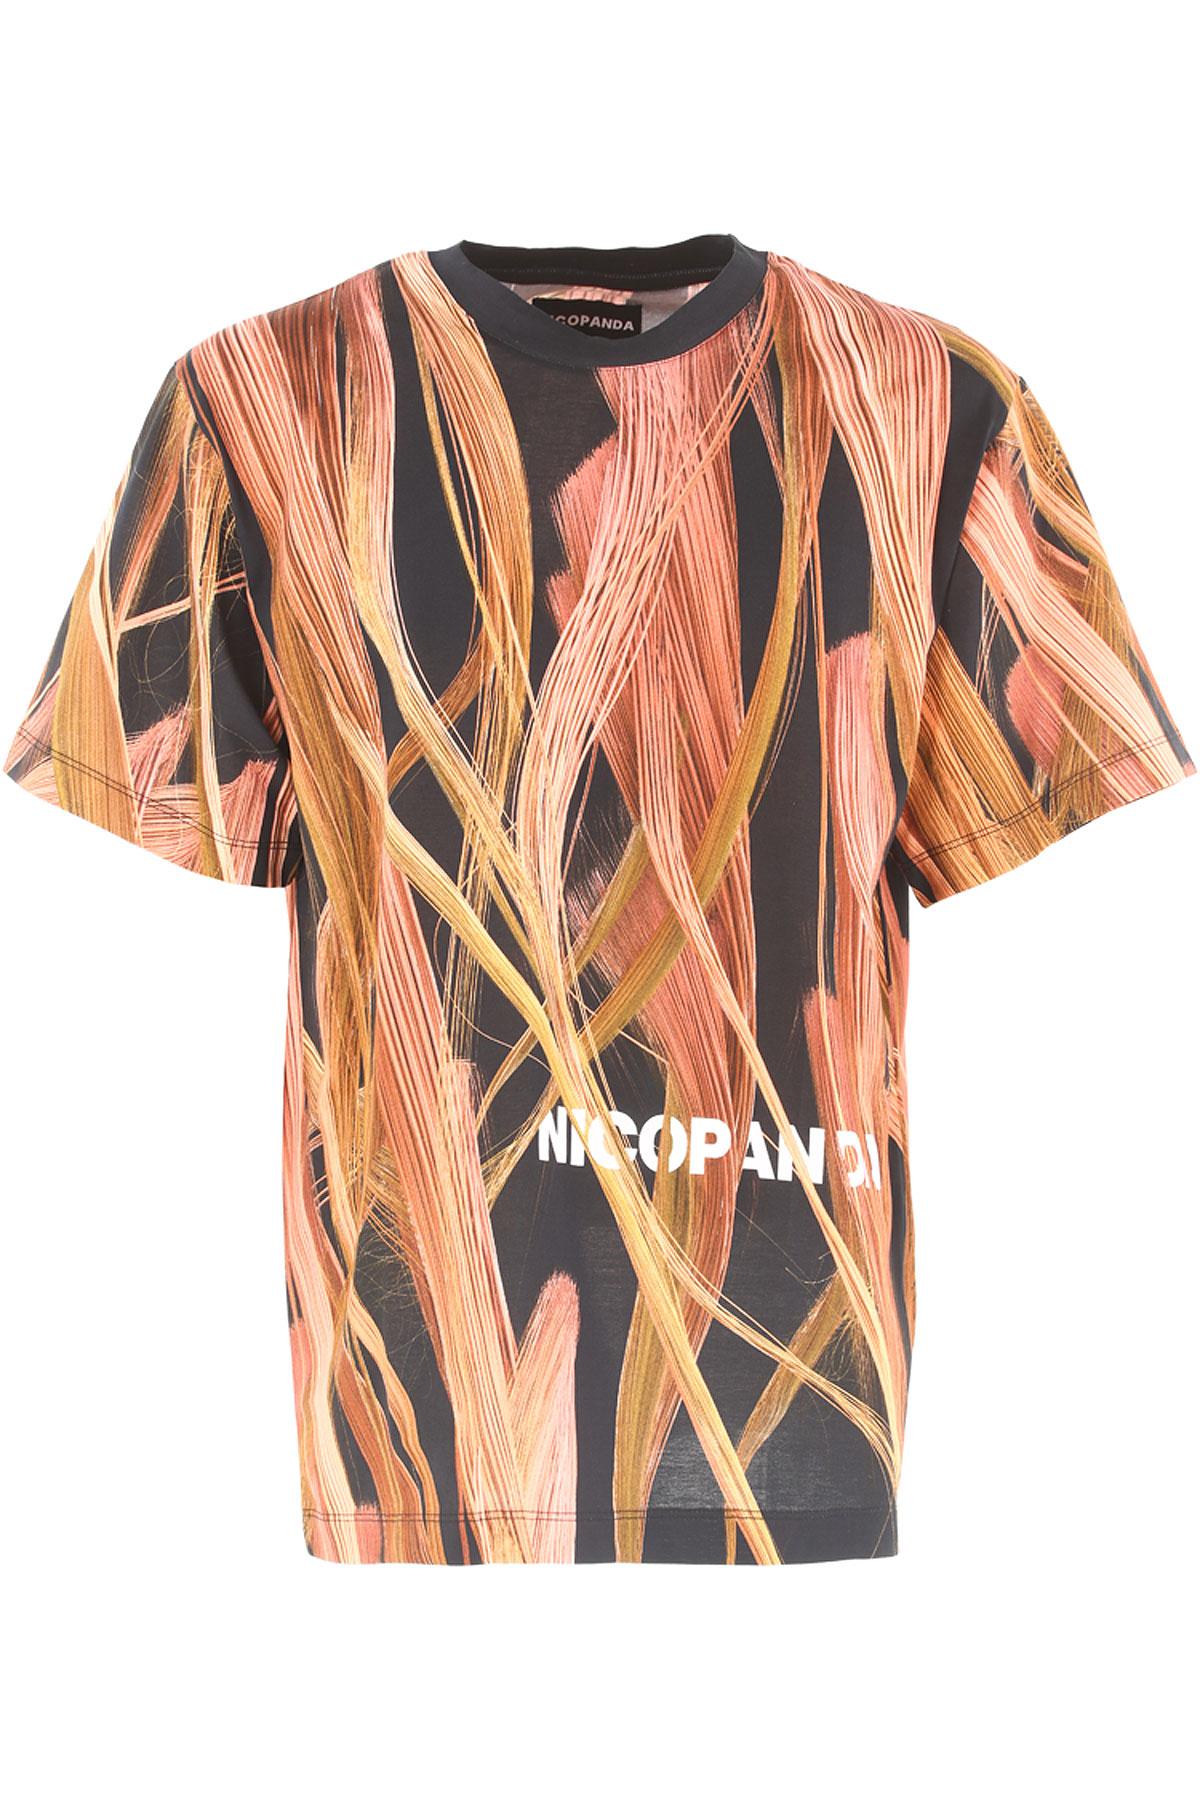 Nicopanda T-shirt Homme Pas cher en Soldes, Noir, Coton, 2019, 46 50